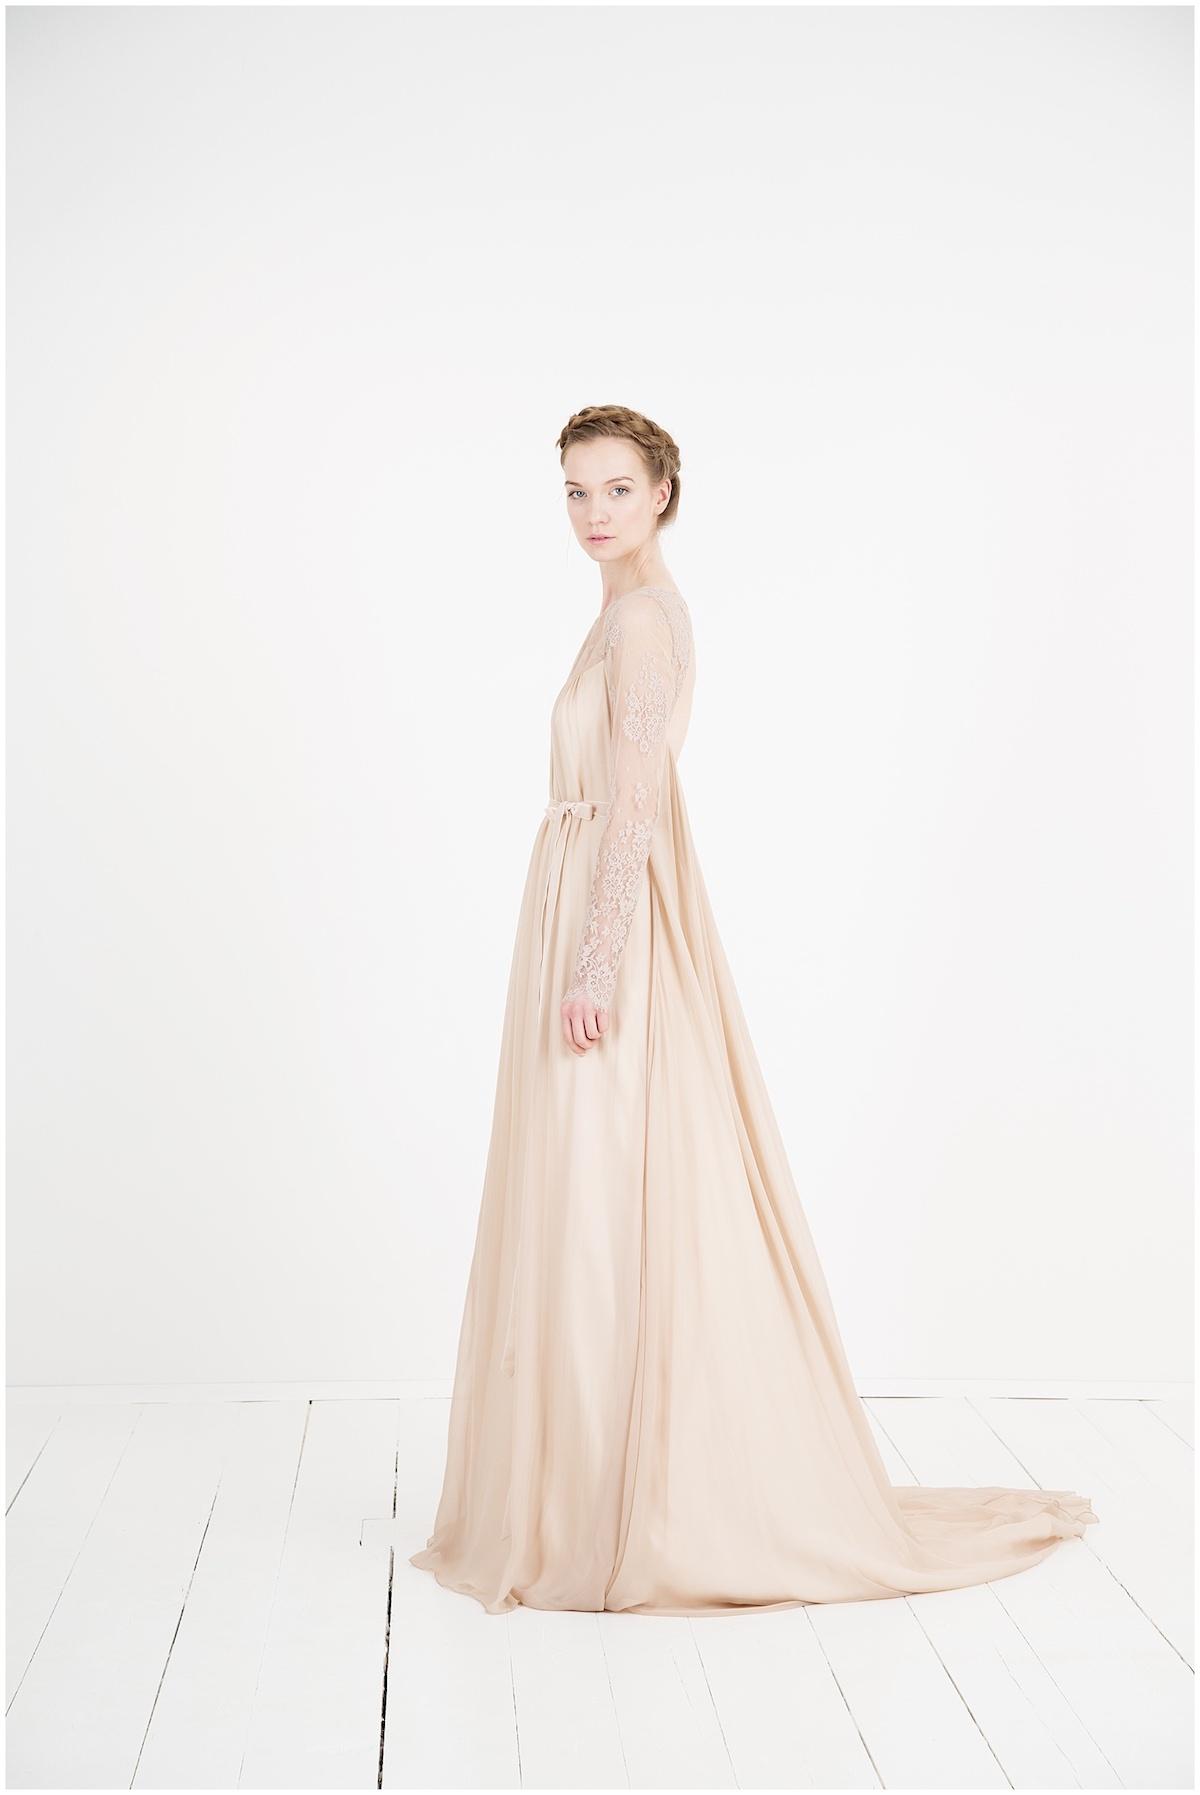 Ungewöhnlich Hochzeitskleid Sendung Galerie - Hochzeit Kleid Stile ...